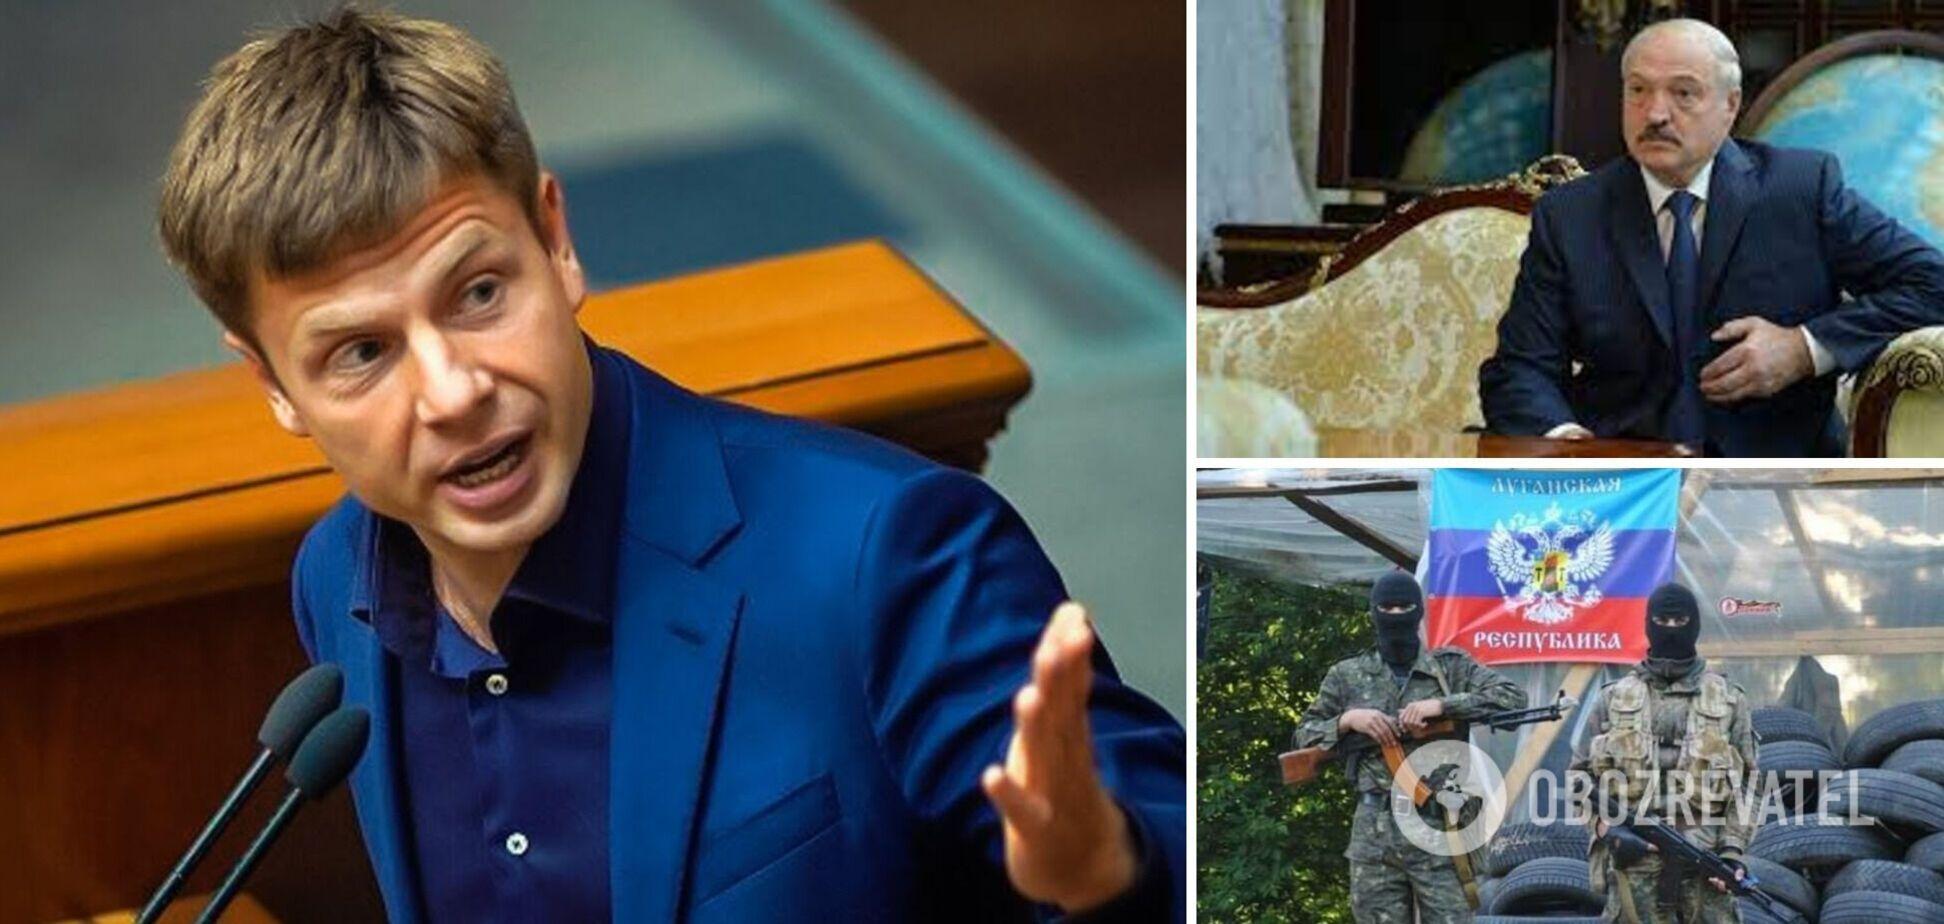 У Верховній Раді вимагають порушити кримінальну справу проти Лукашенка за пособництво 'ЛНР'